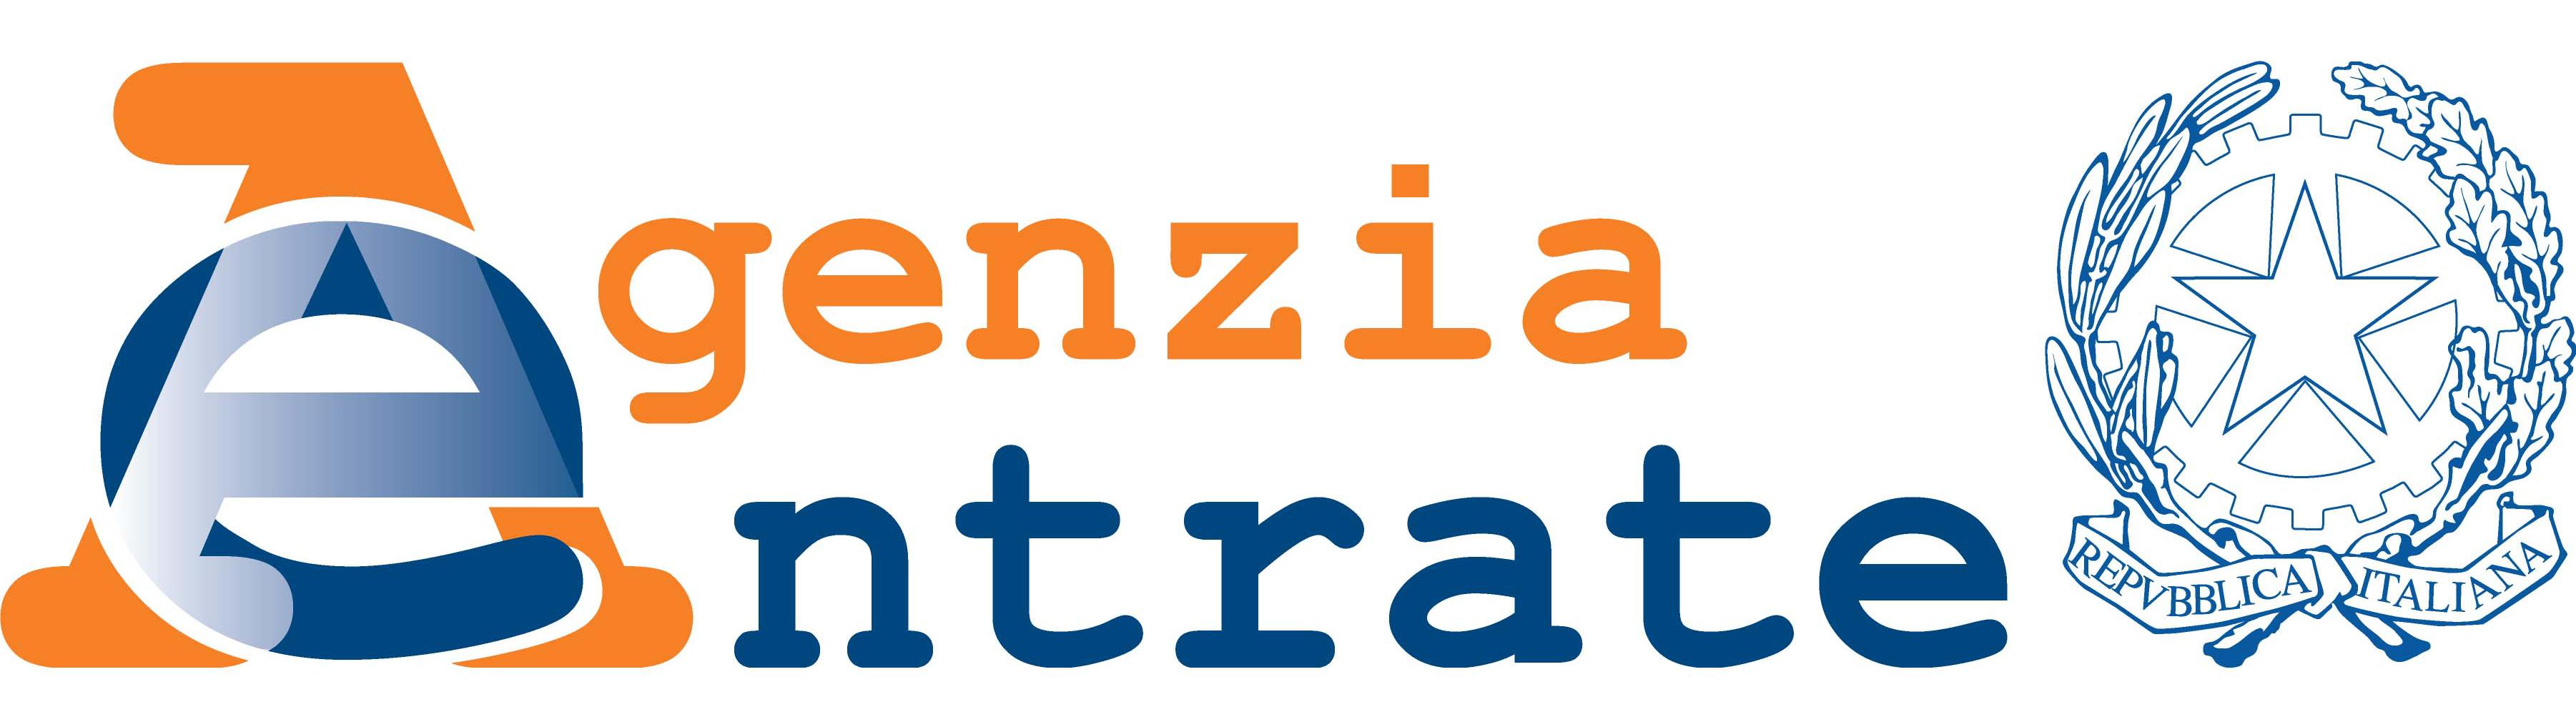 DETRAZIONI FISCALI PER COLLABORATORI: I CHIARIMENTI DELL'AGENZIA DELLE ENTRATE